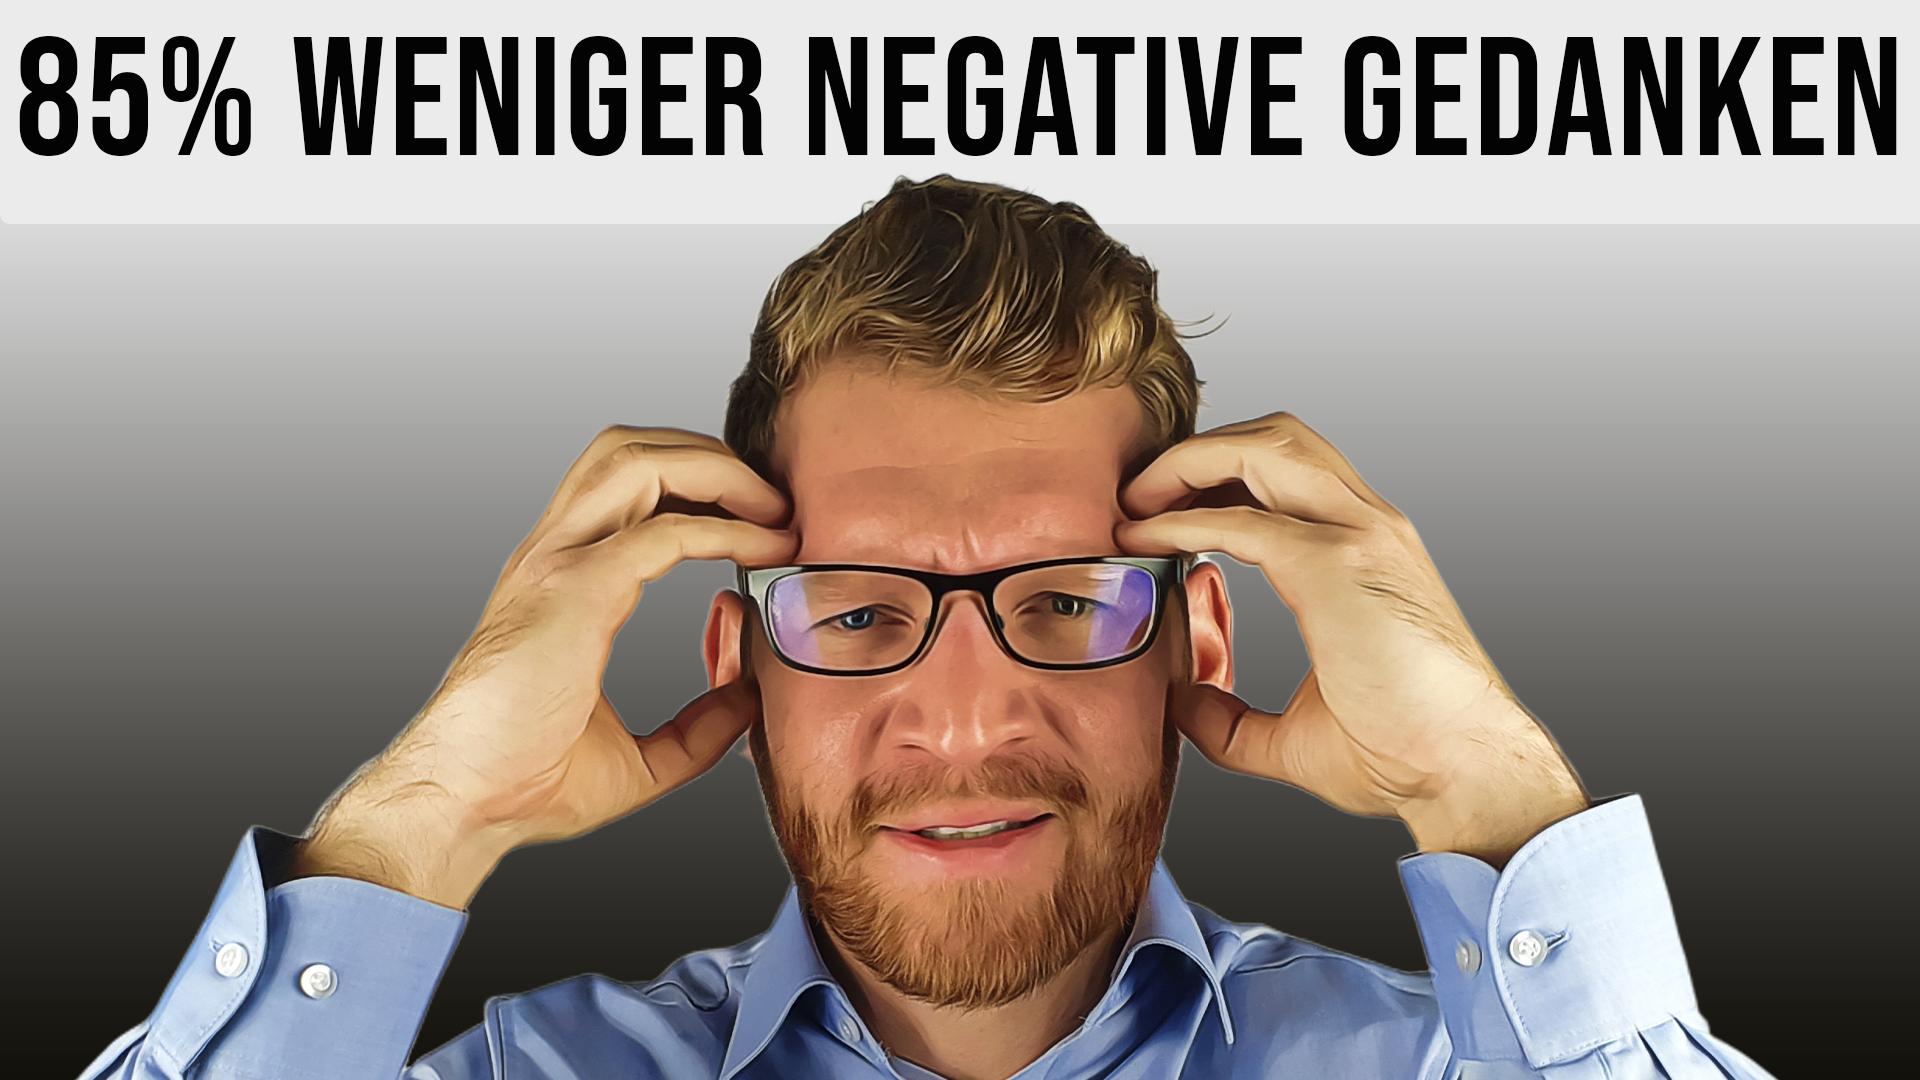 Wie Du negative Gedanken loswirst - Sorgen, Ängste und Zweifel besiegen